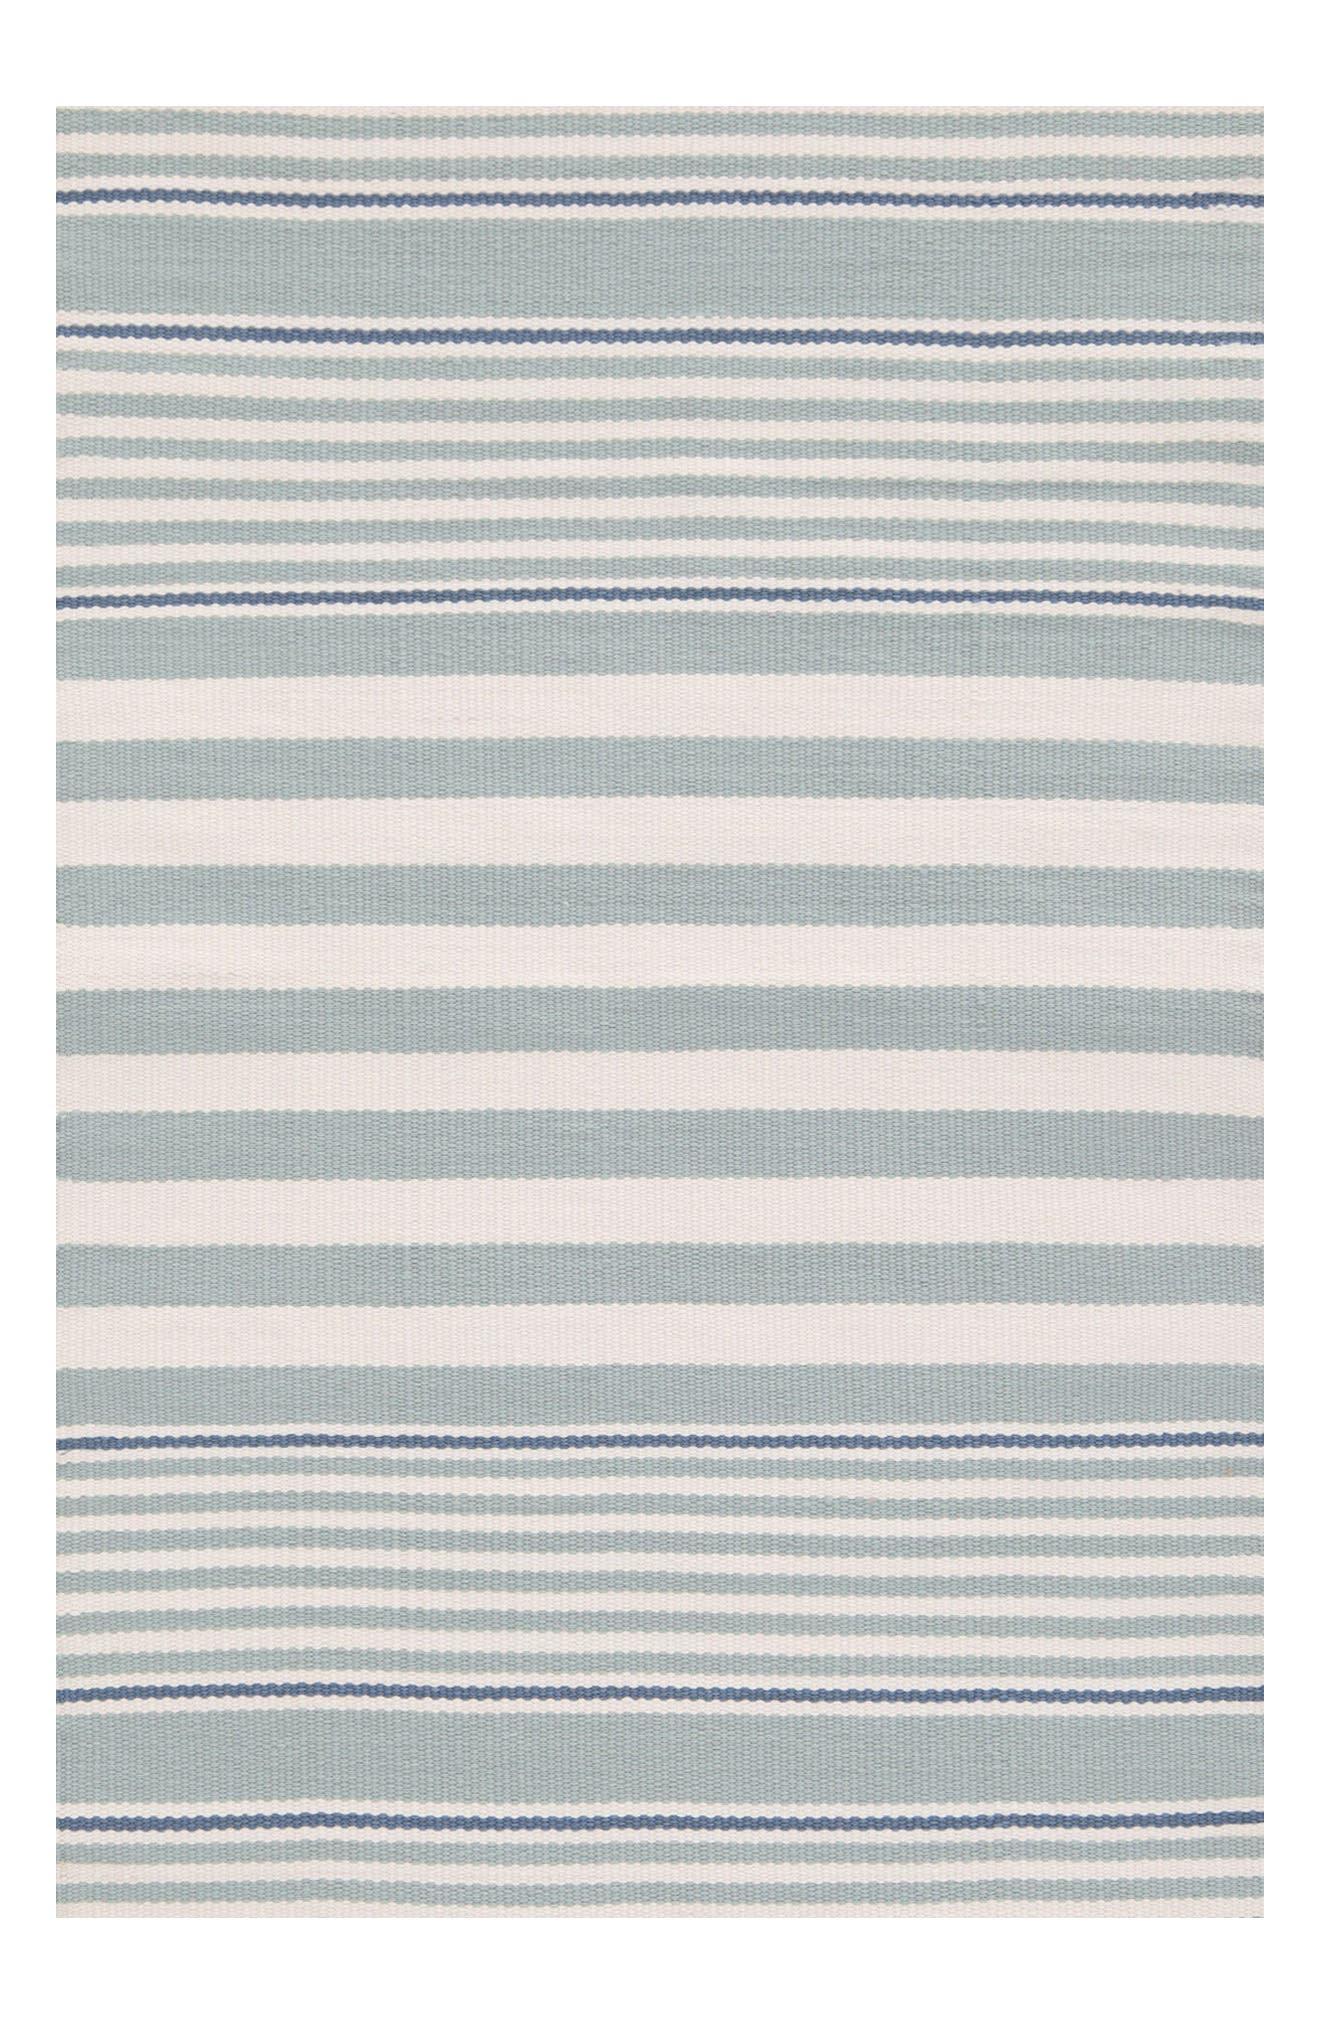 Alternate Image 1 Selected - Dash & Albert Stripe Indoor/Outdoor Rug